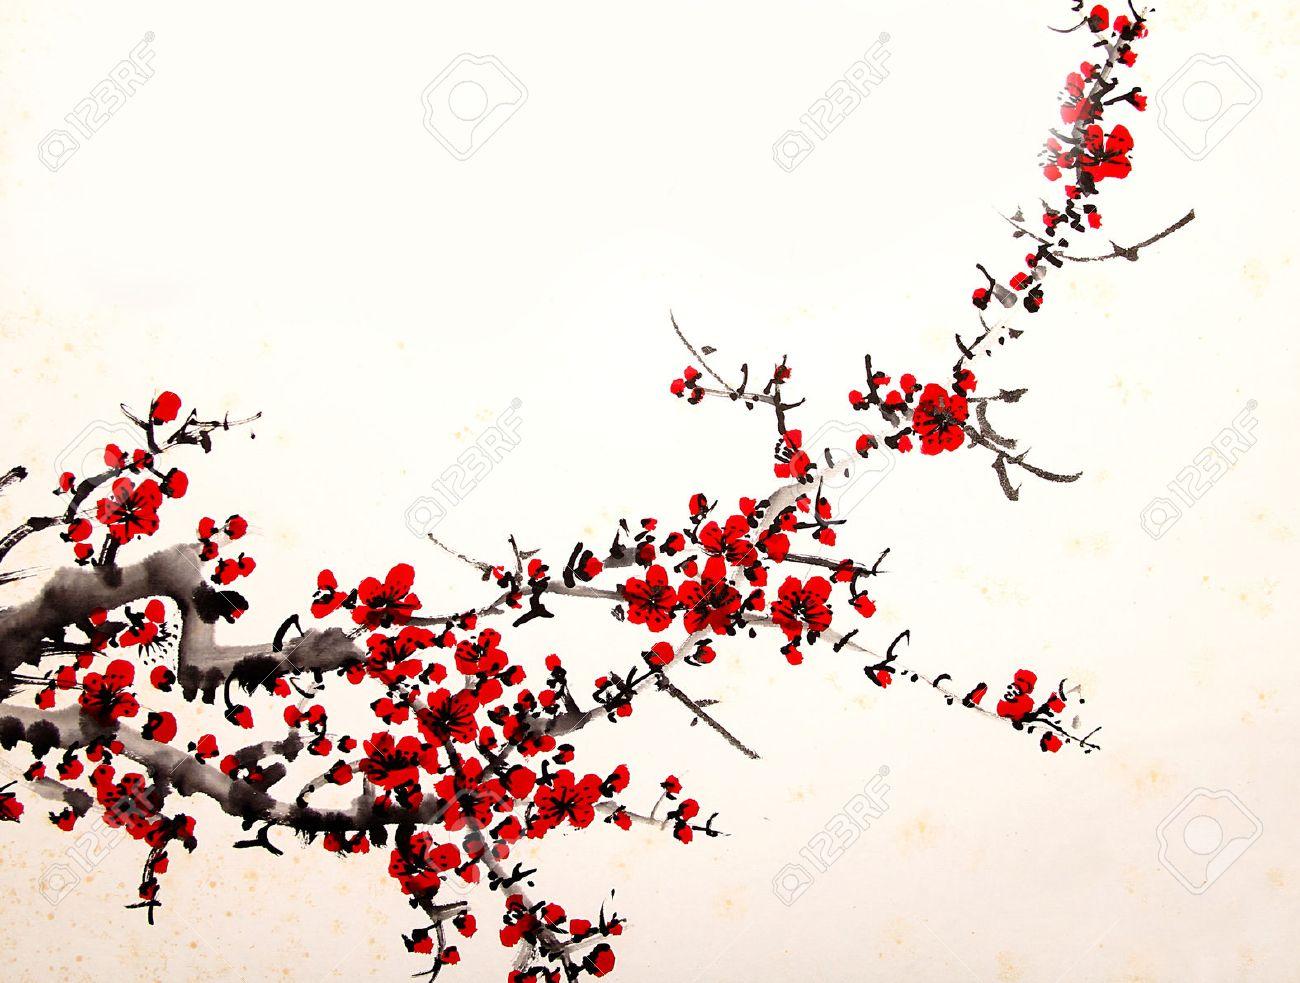 cherry painting - 55665246